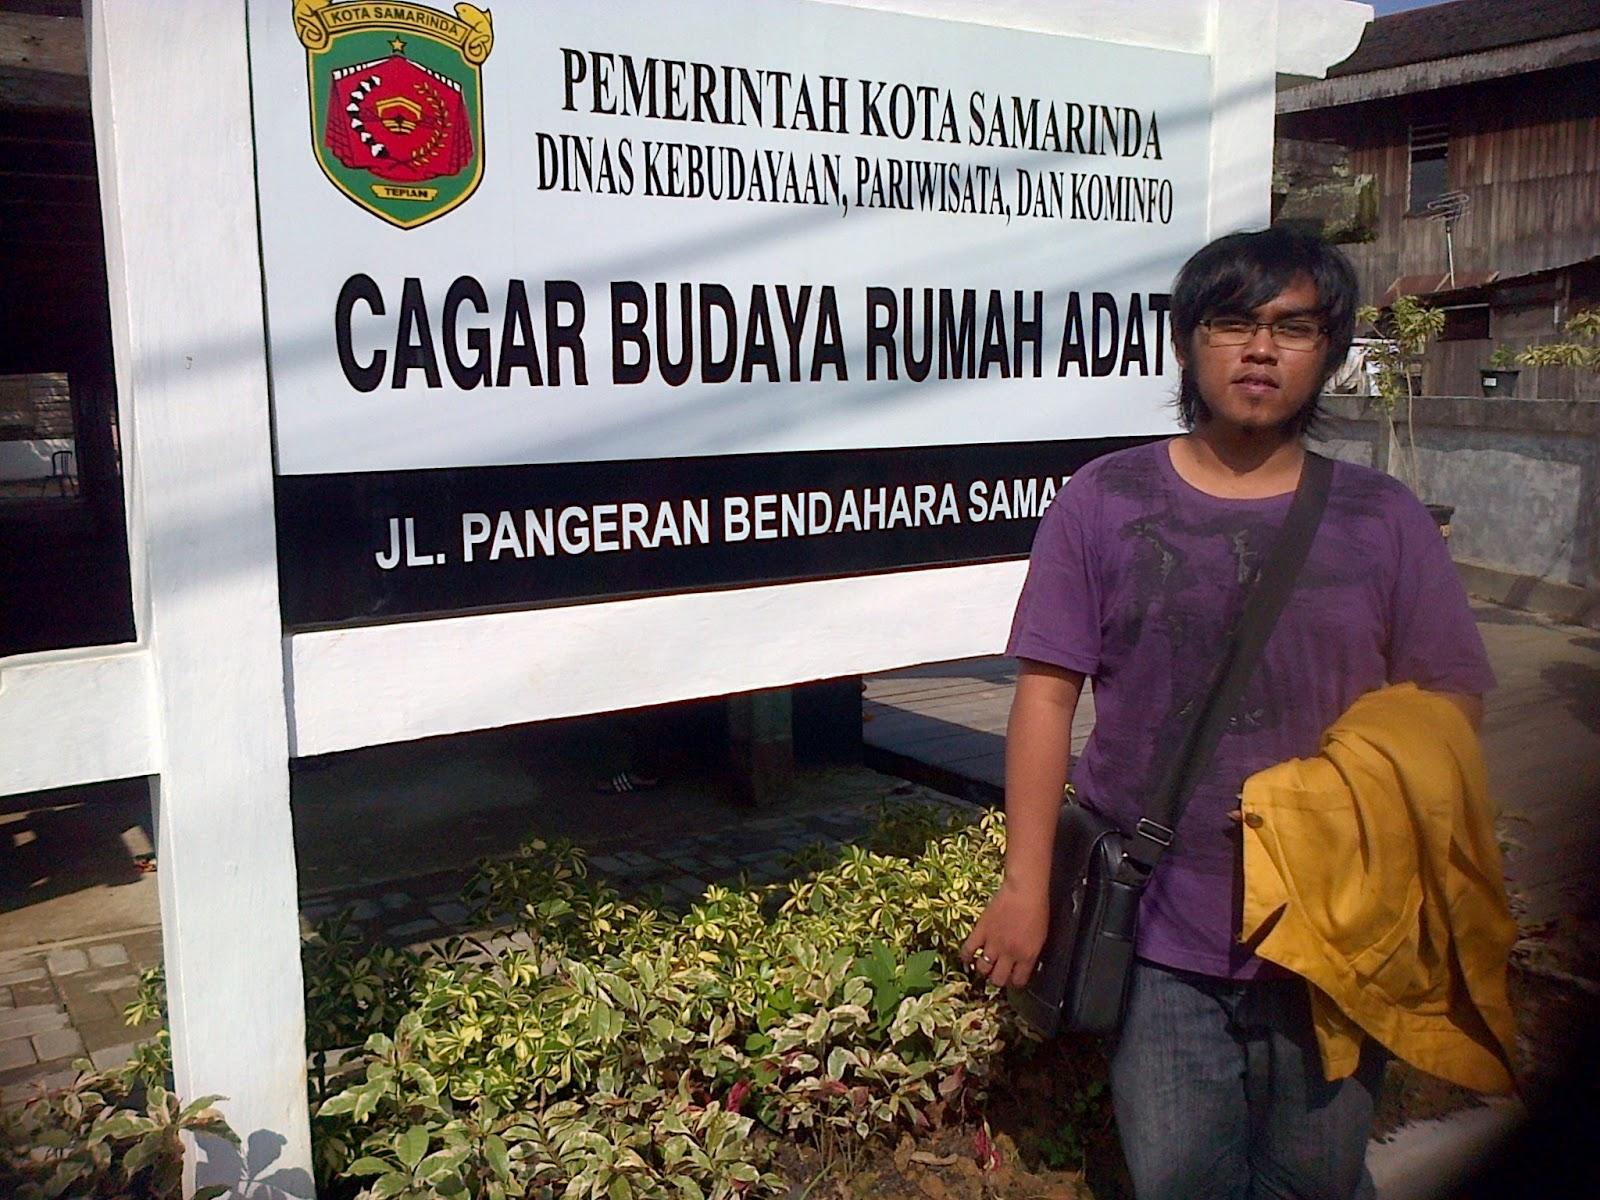 Wara Wiri Communcation Kampung Tenun Sebagai Pusat Penghasil Sarung Samarinda